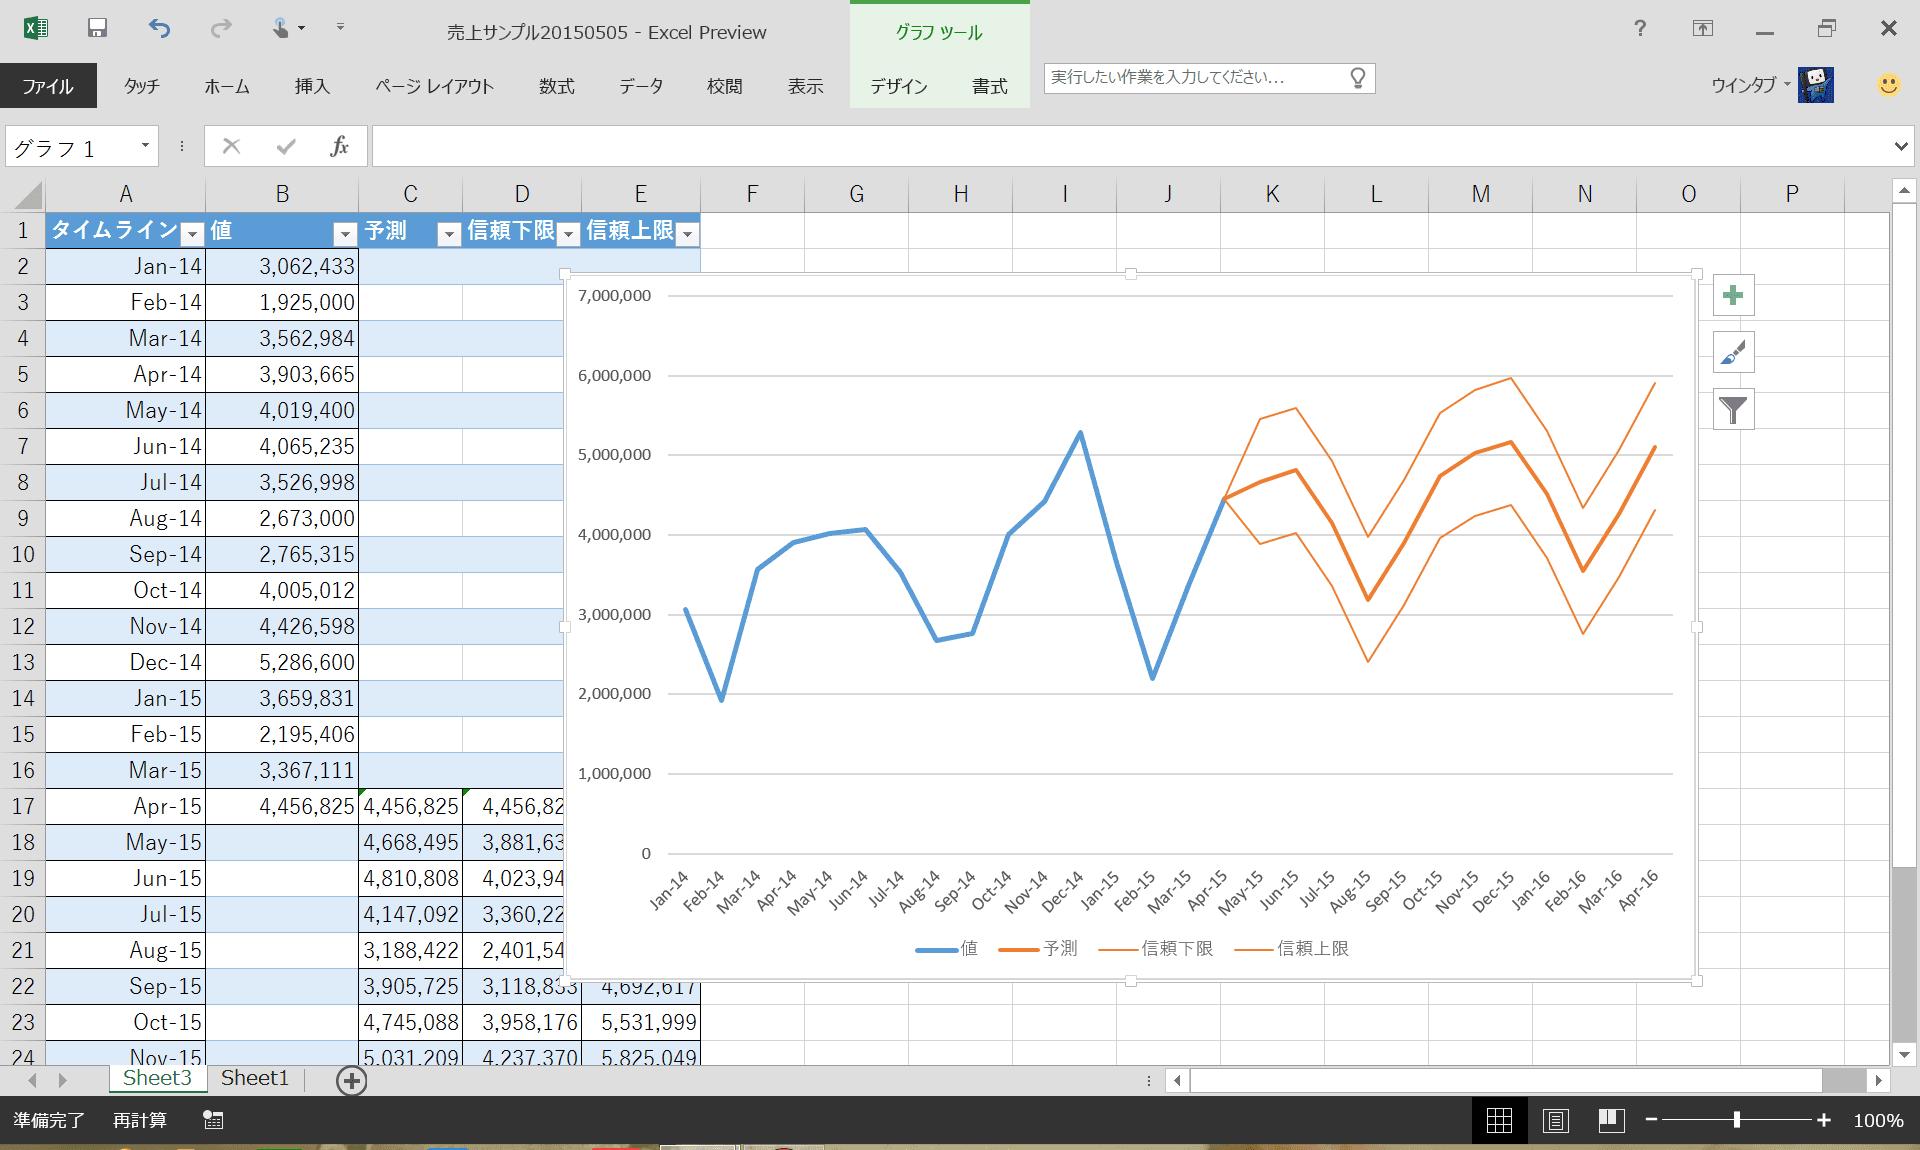 Excelの売上予測データ